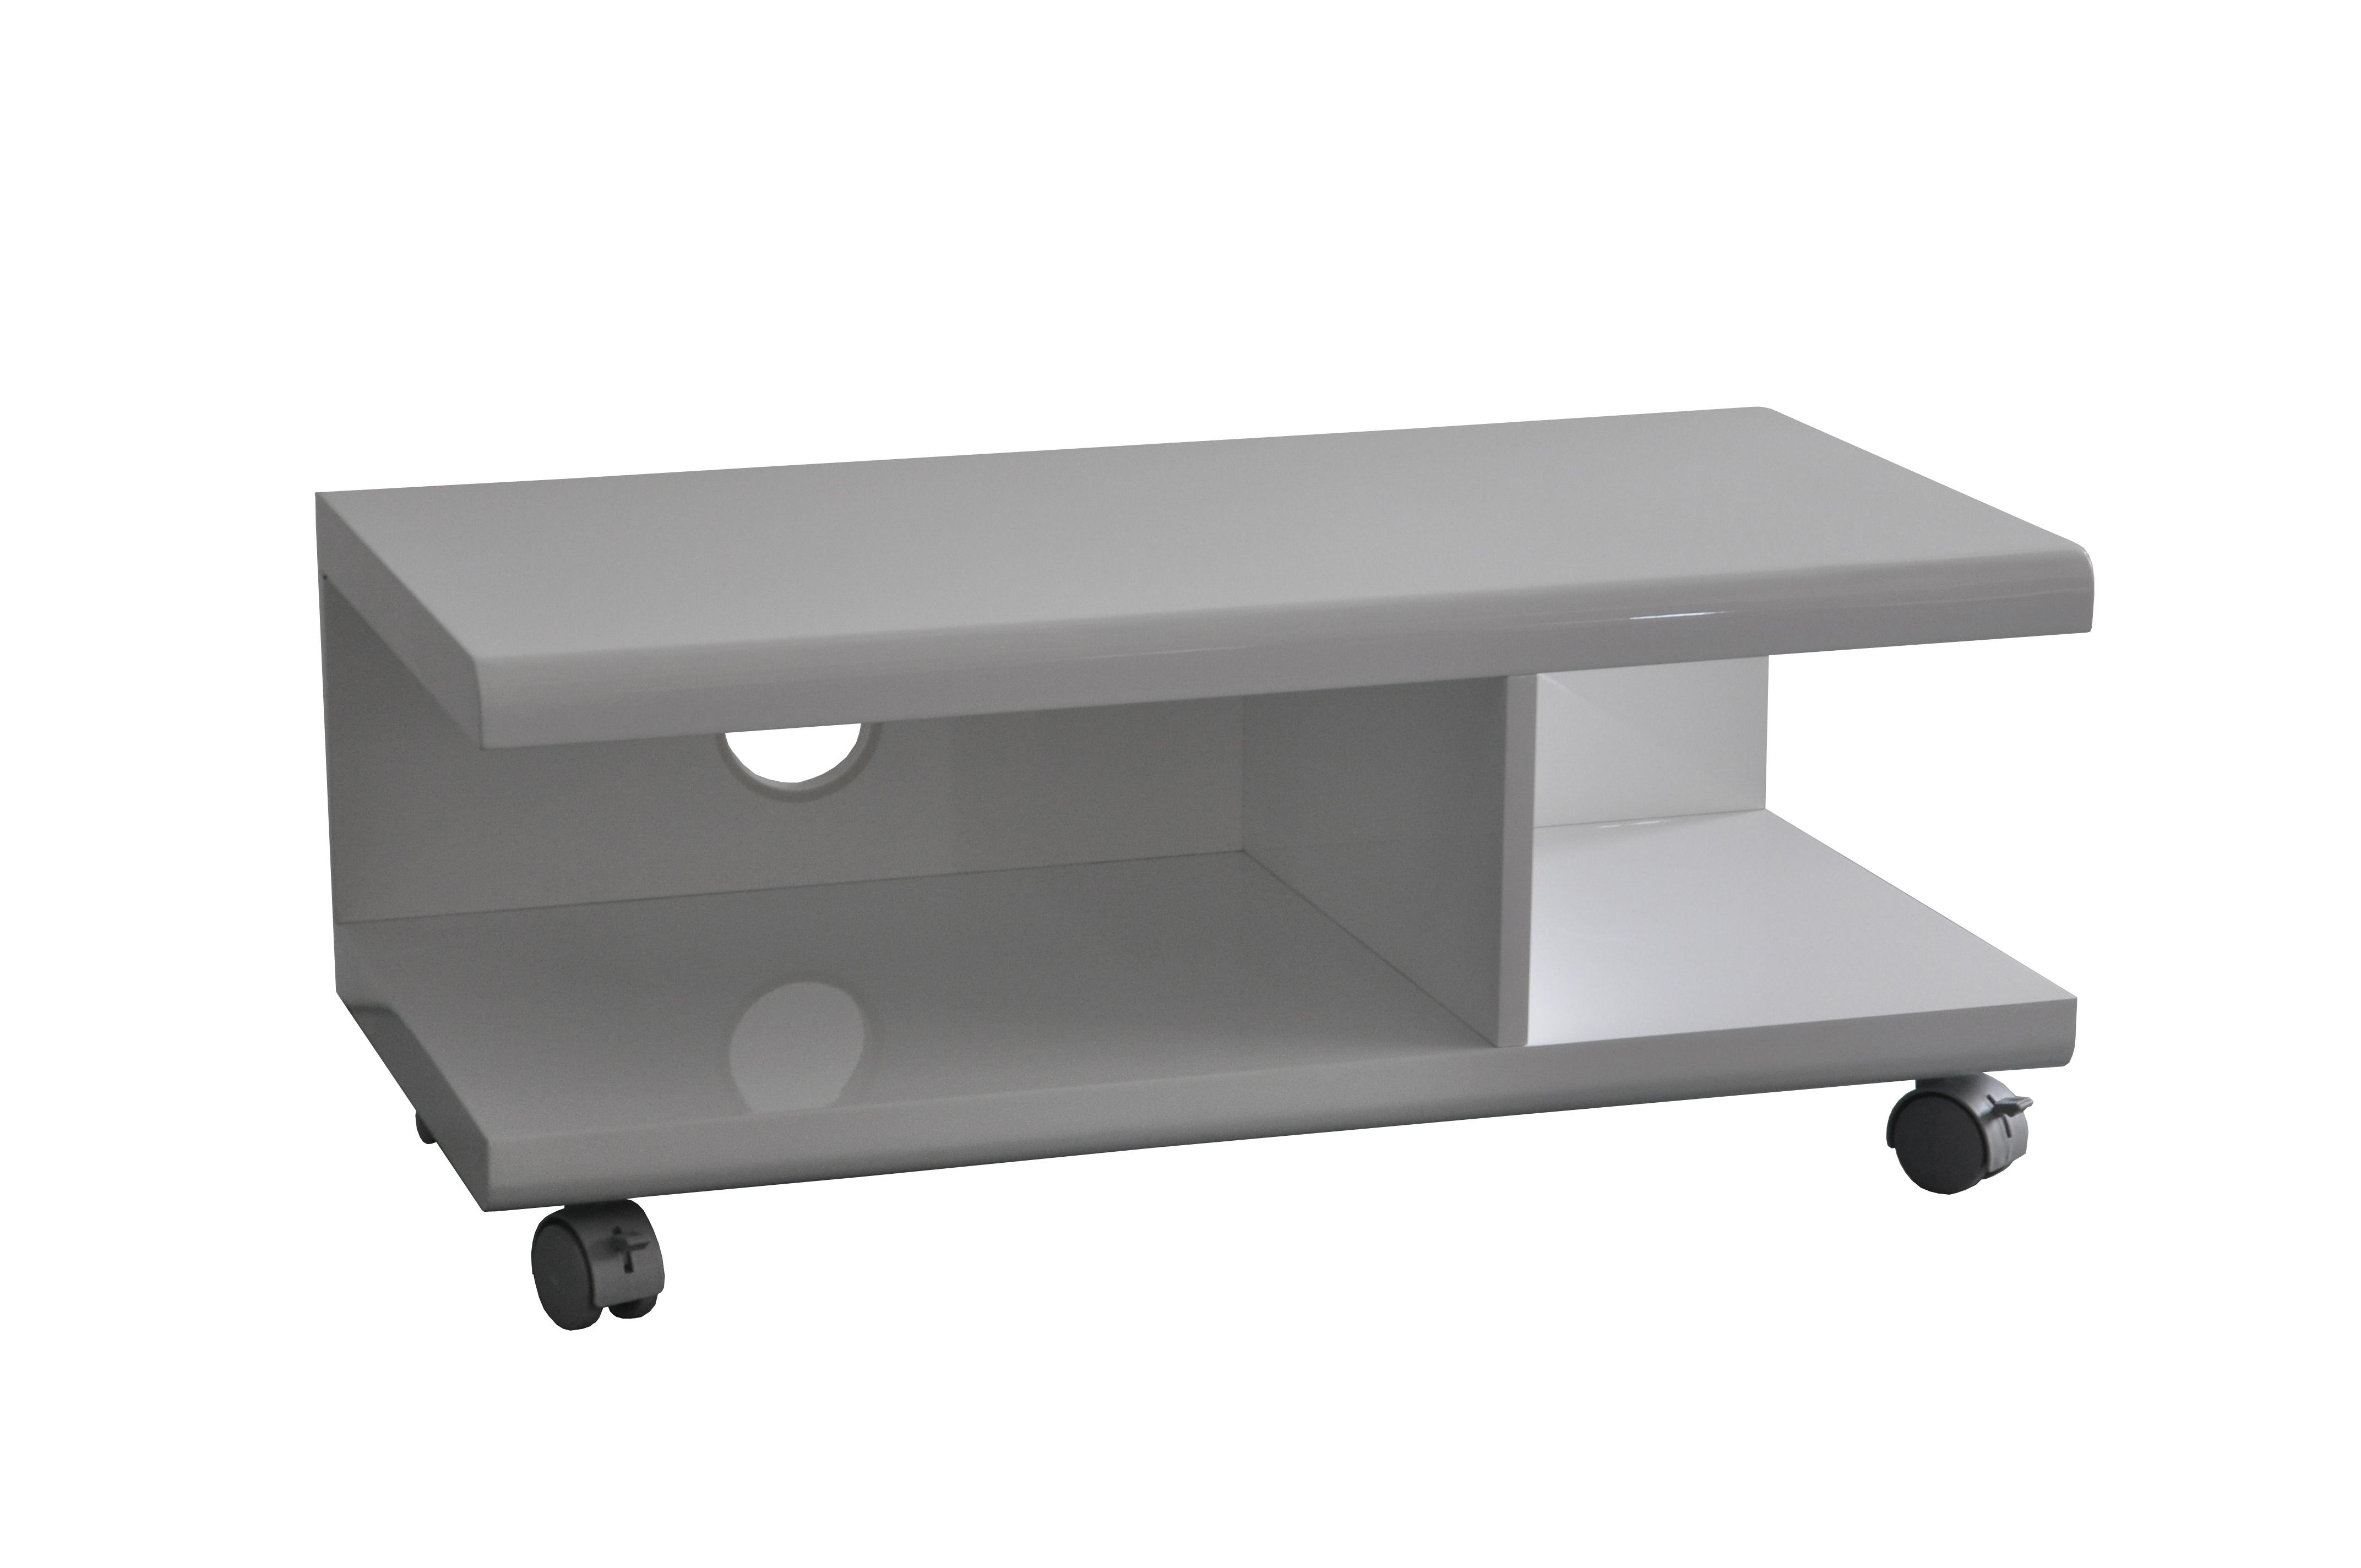 hochwertiger tv wagen fernsehwagen bangor mit rollen. Black Bedroom Furniture Sets. Home Design Ideas